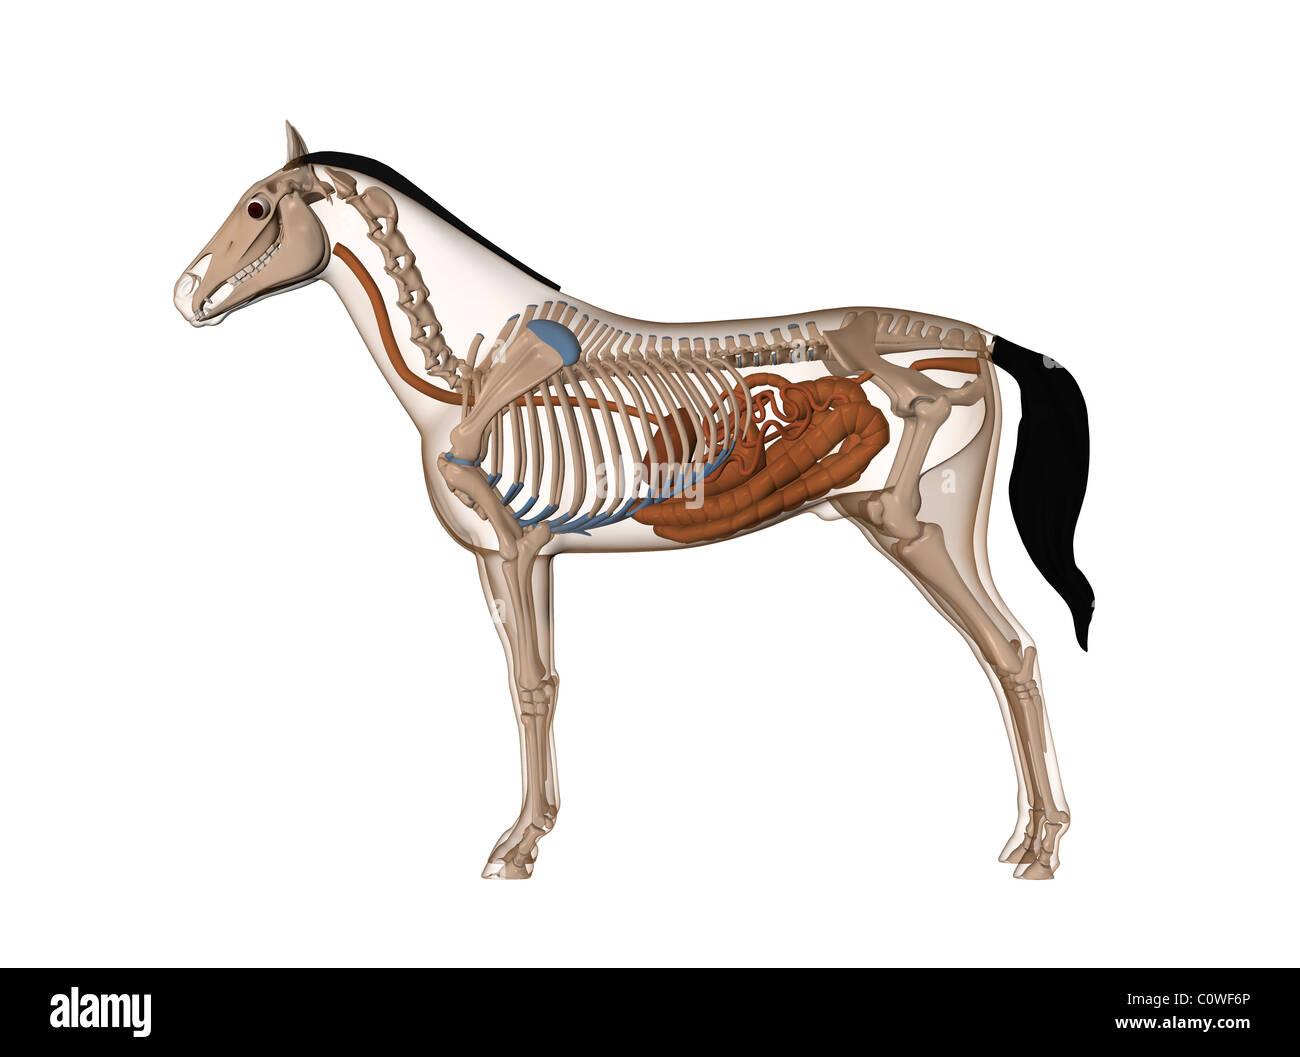 Fantastisch Pferd Skelett Anatomie Fotos - Menschliche Anatomie ...